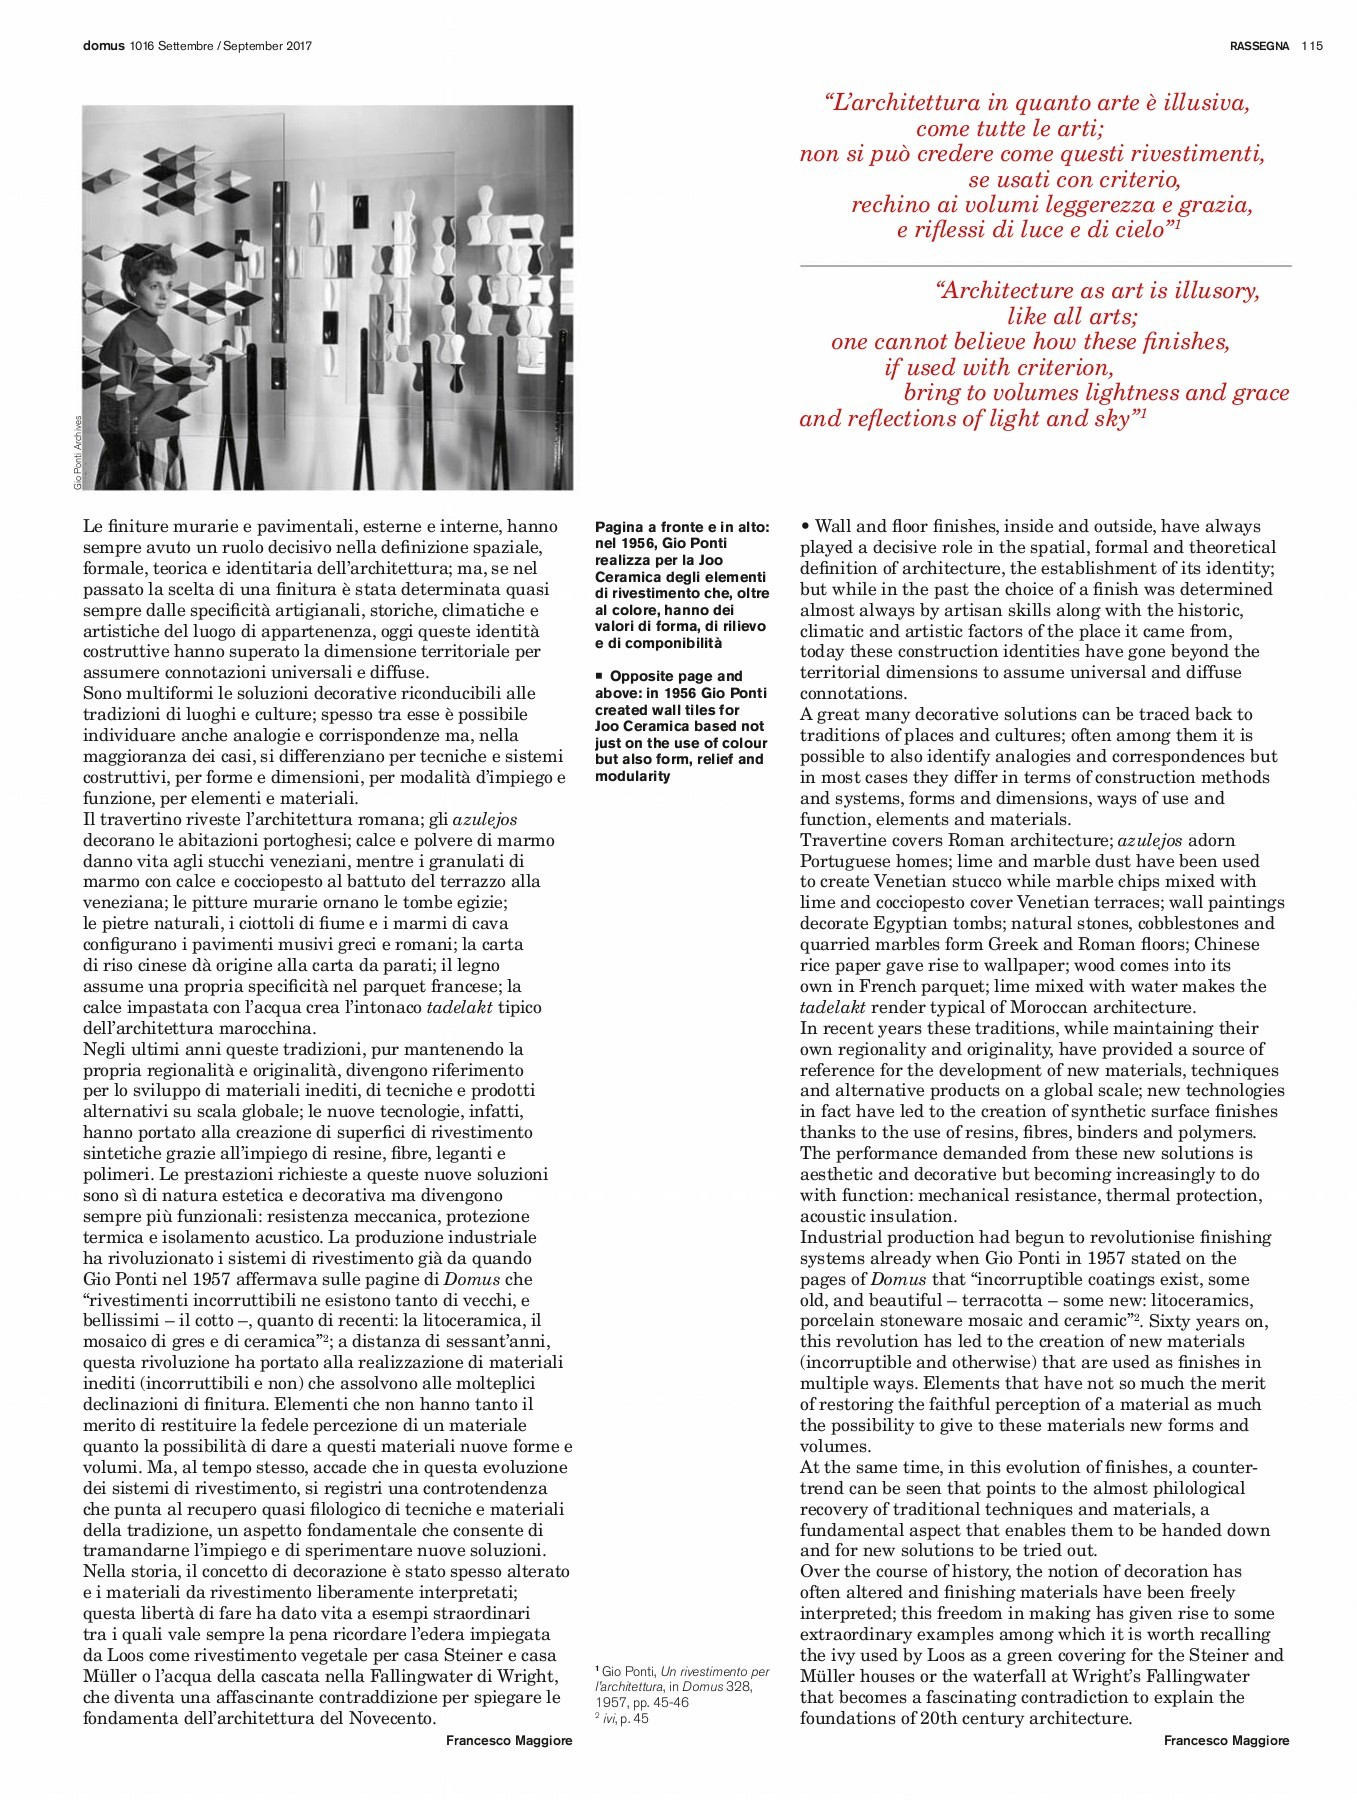 Spostare La Cucina Sul Balcone domus_italia_settembre 2017-flip book pages 201-250 | pubhtml5